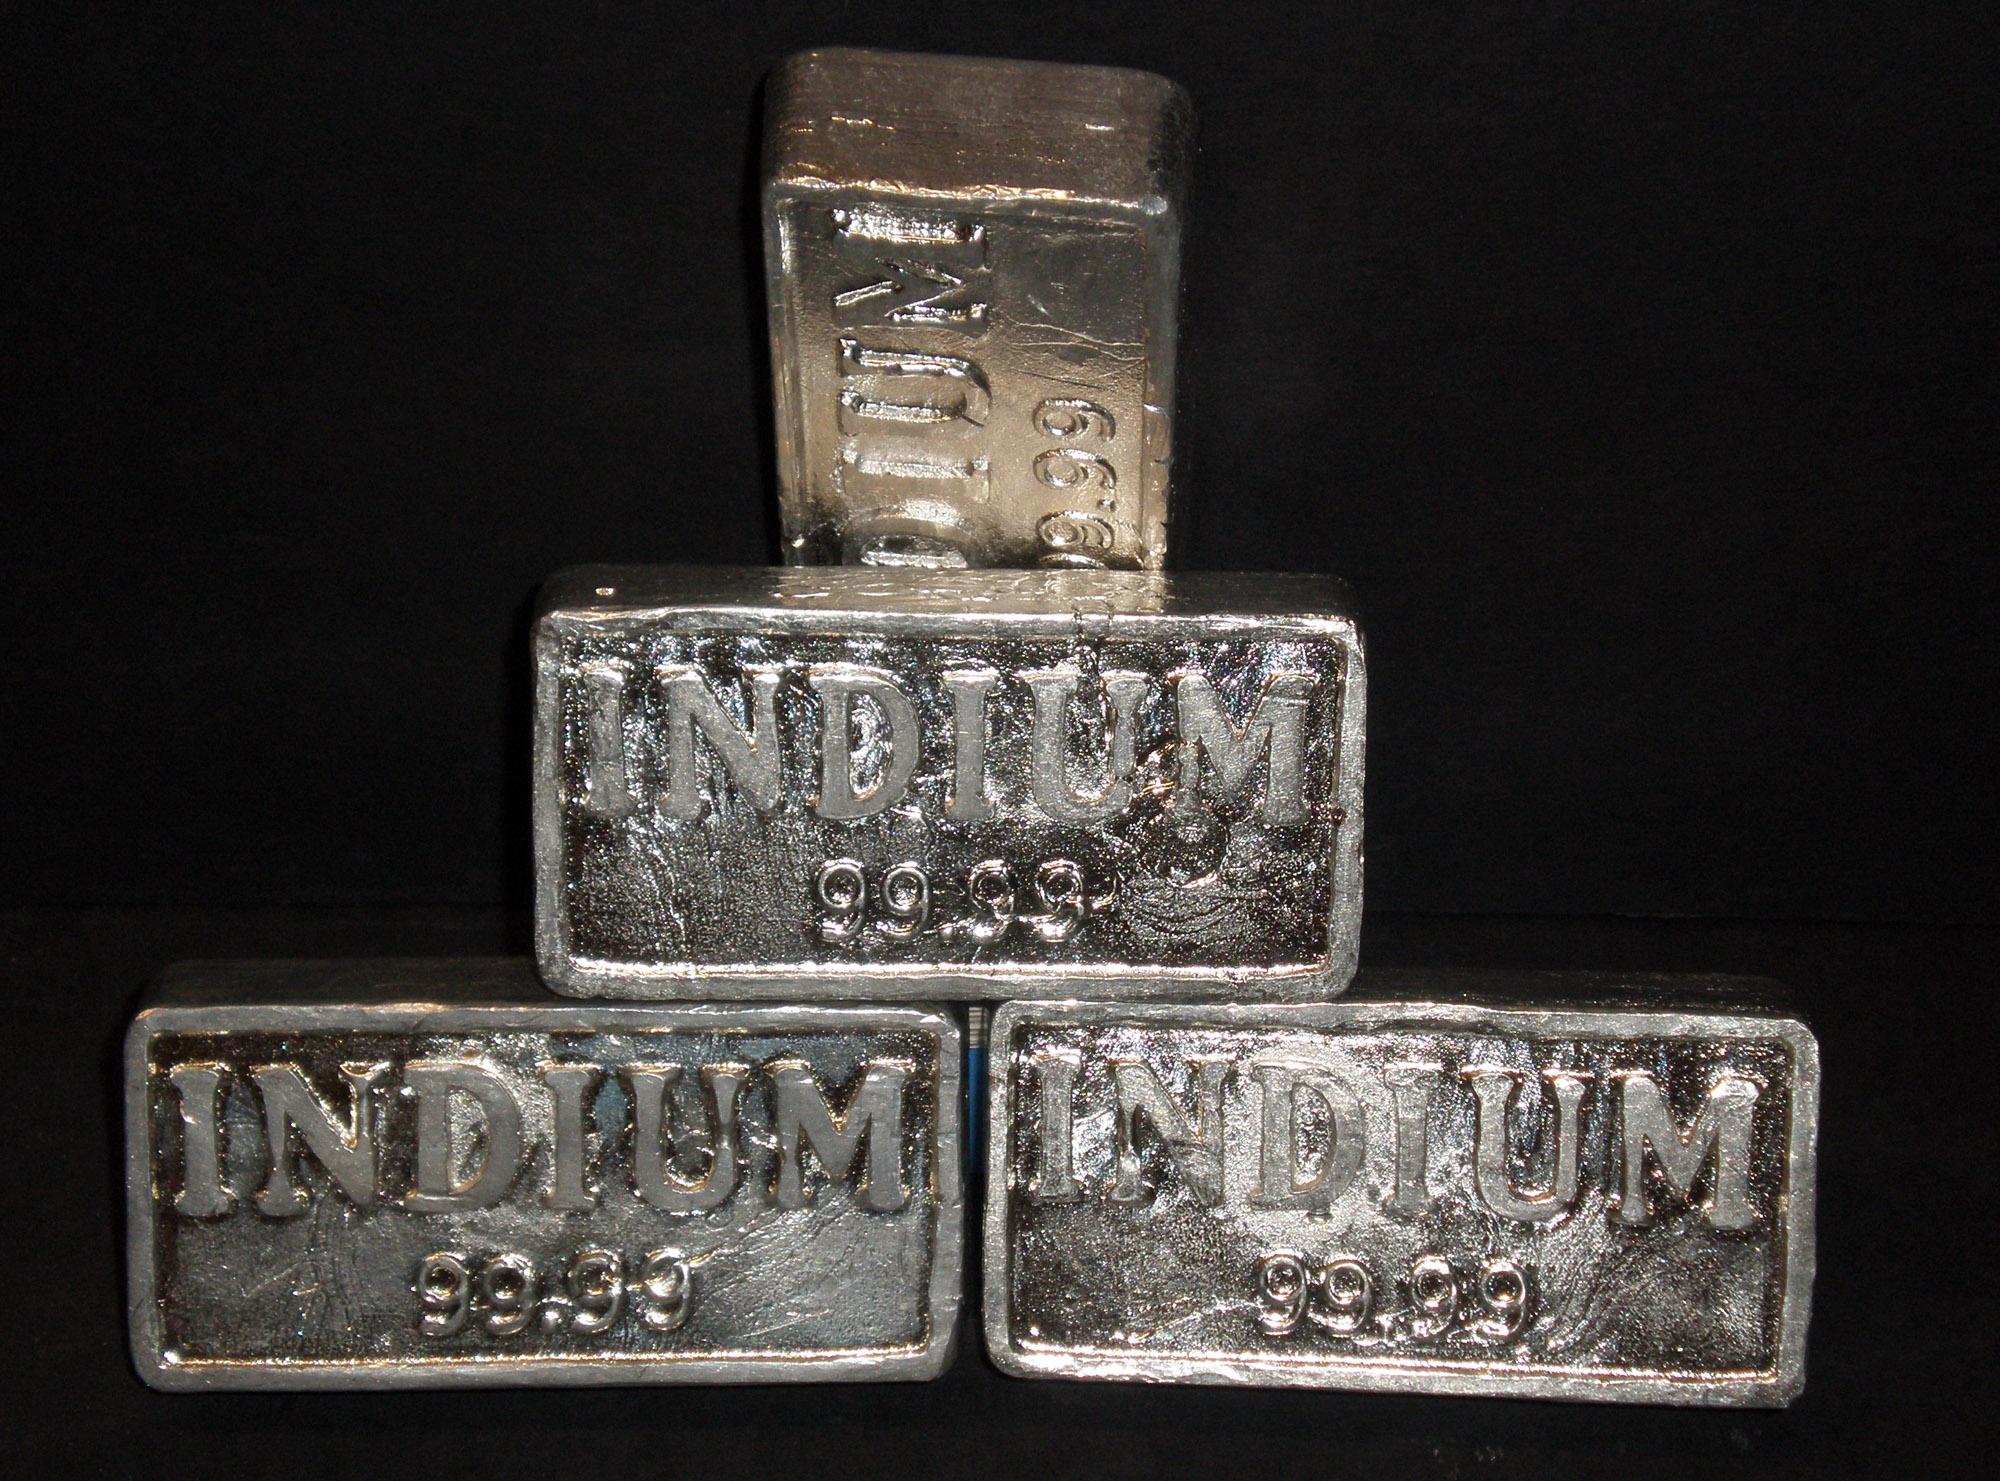 Fém indium tömbök. Készítette: Nerdtalker - A feltöltő saját munkája, CC BY-SA 3.0, https://commons.wikimedia.org/w/index.php?curid=6622482